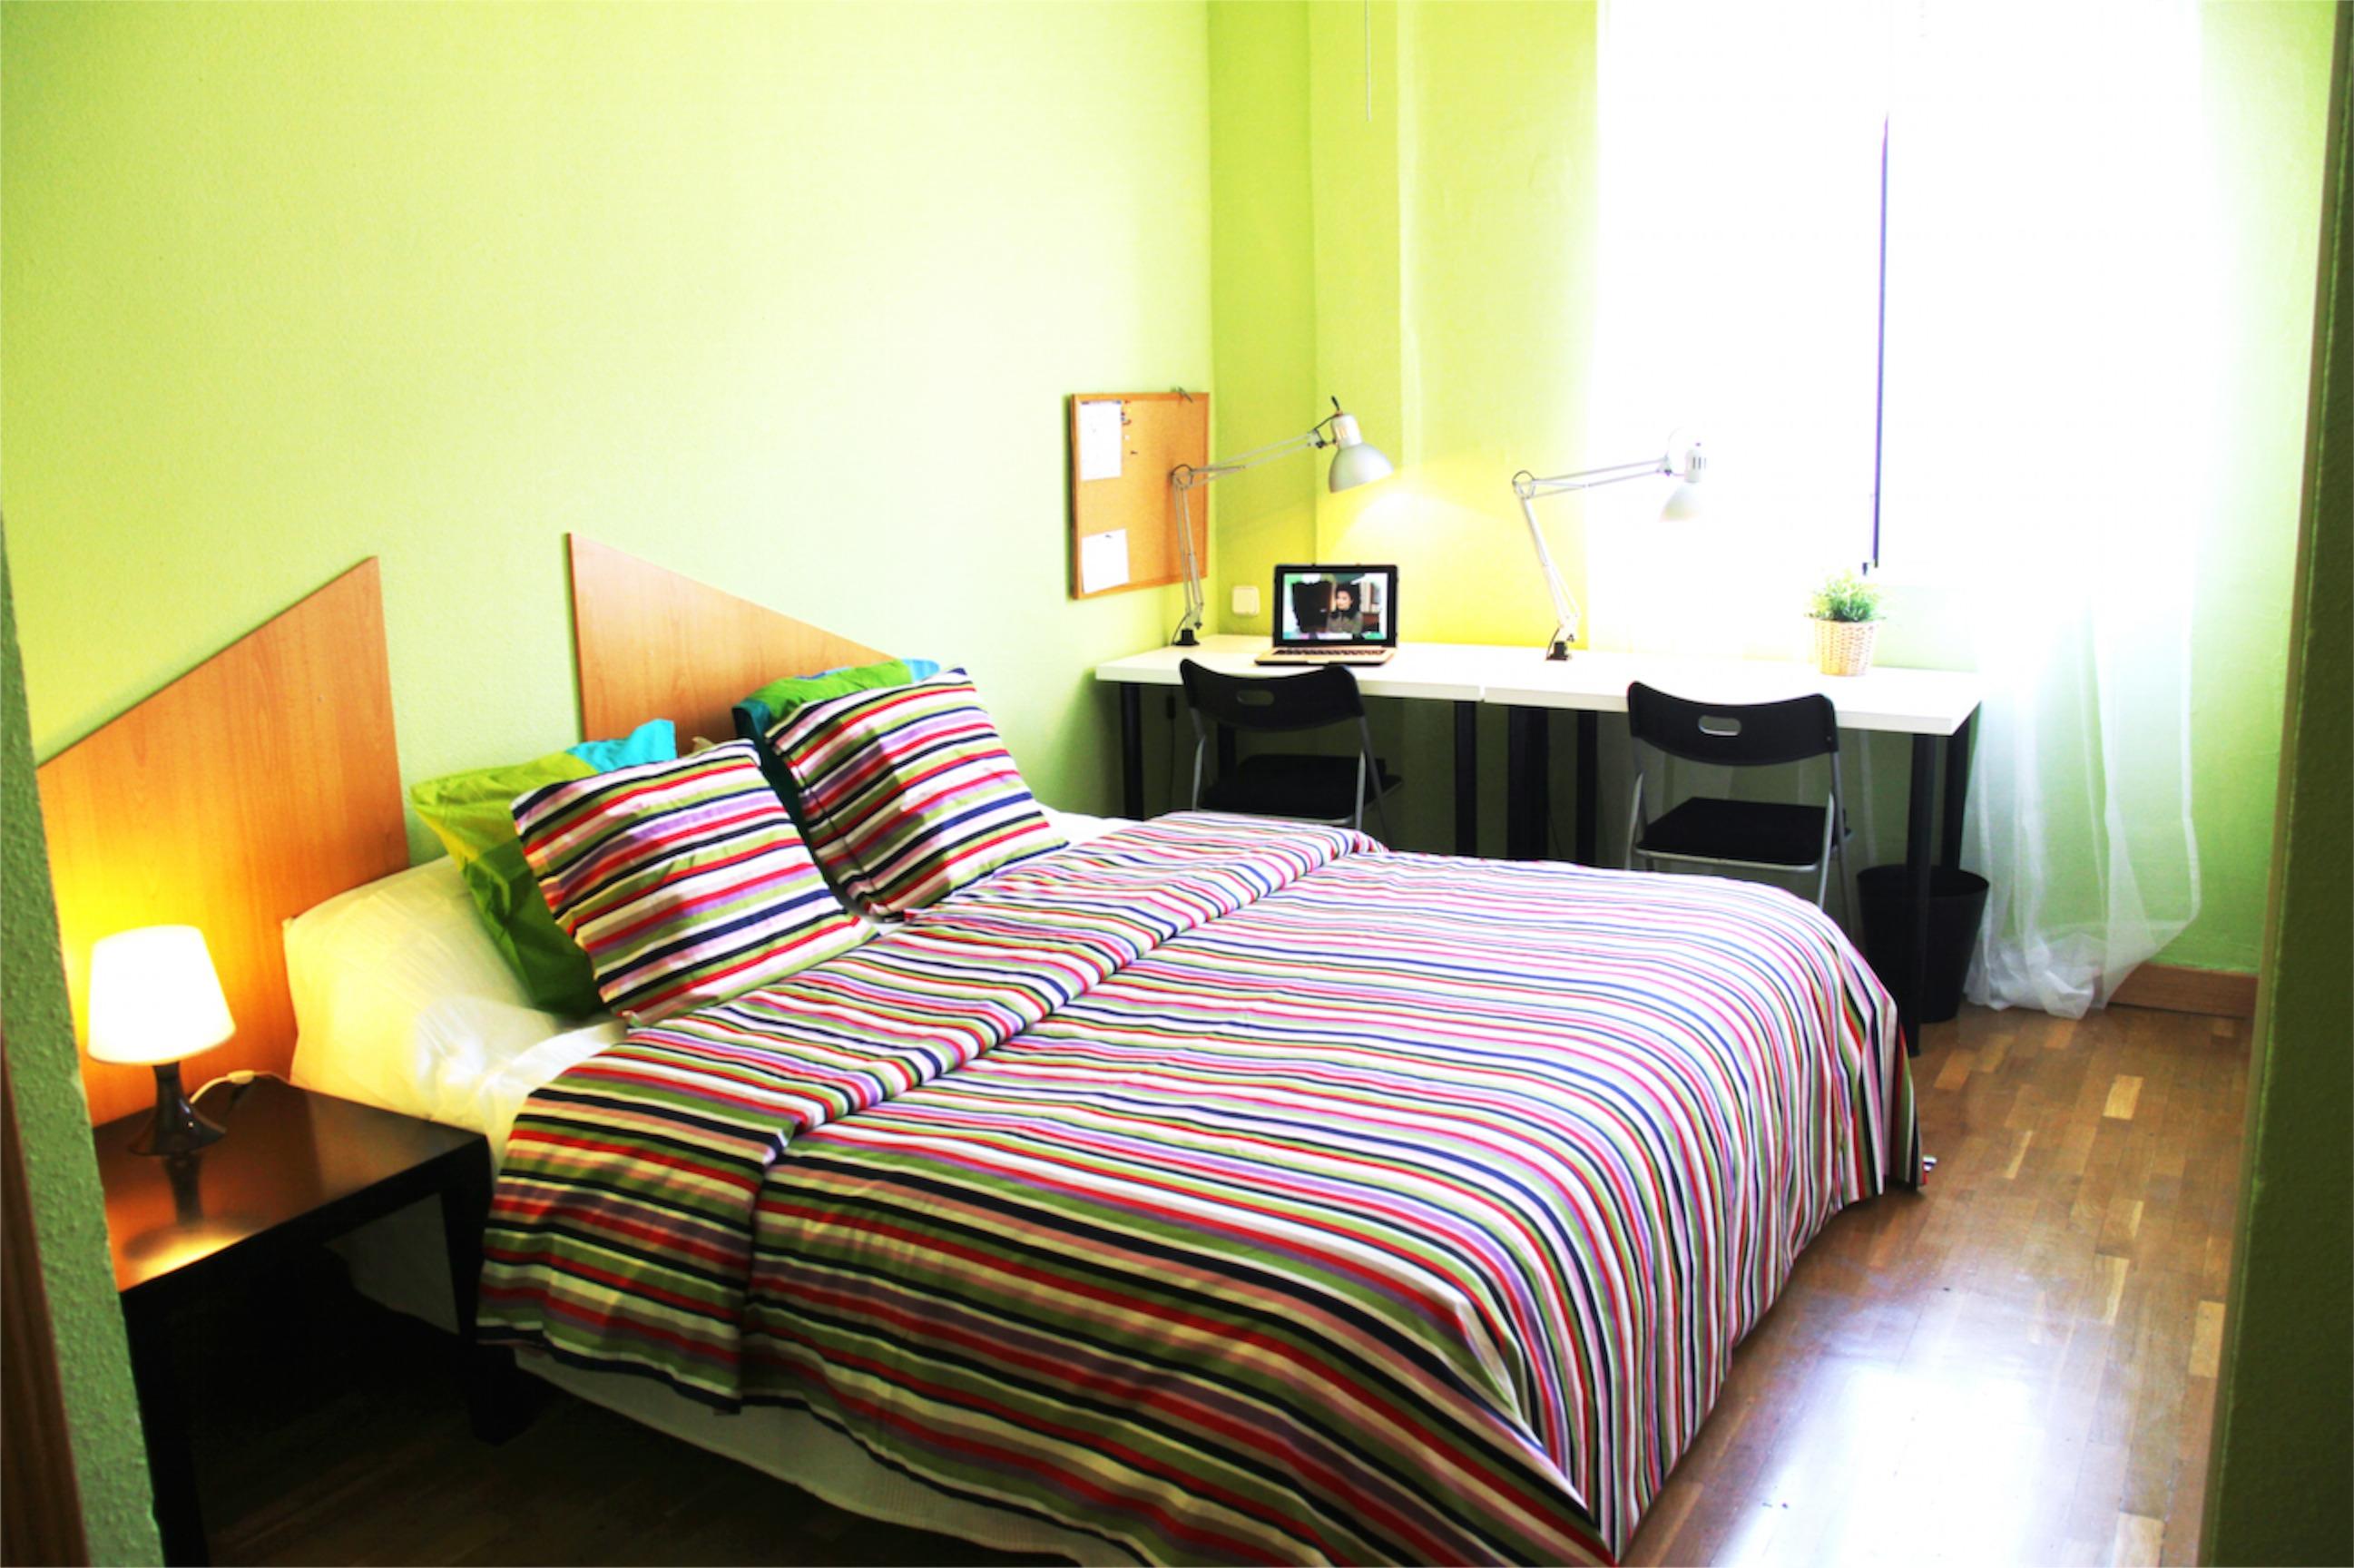 Alquiler de habitaciones en pisos compartidos en Madrid